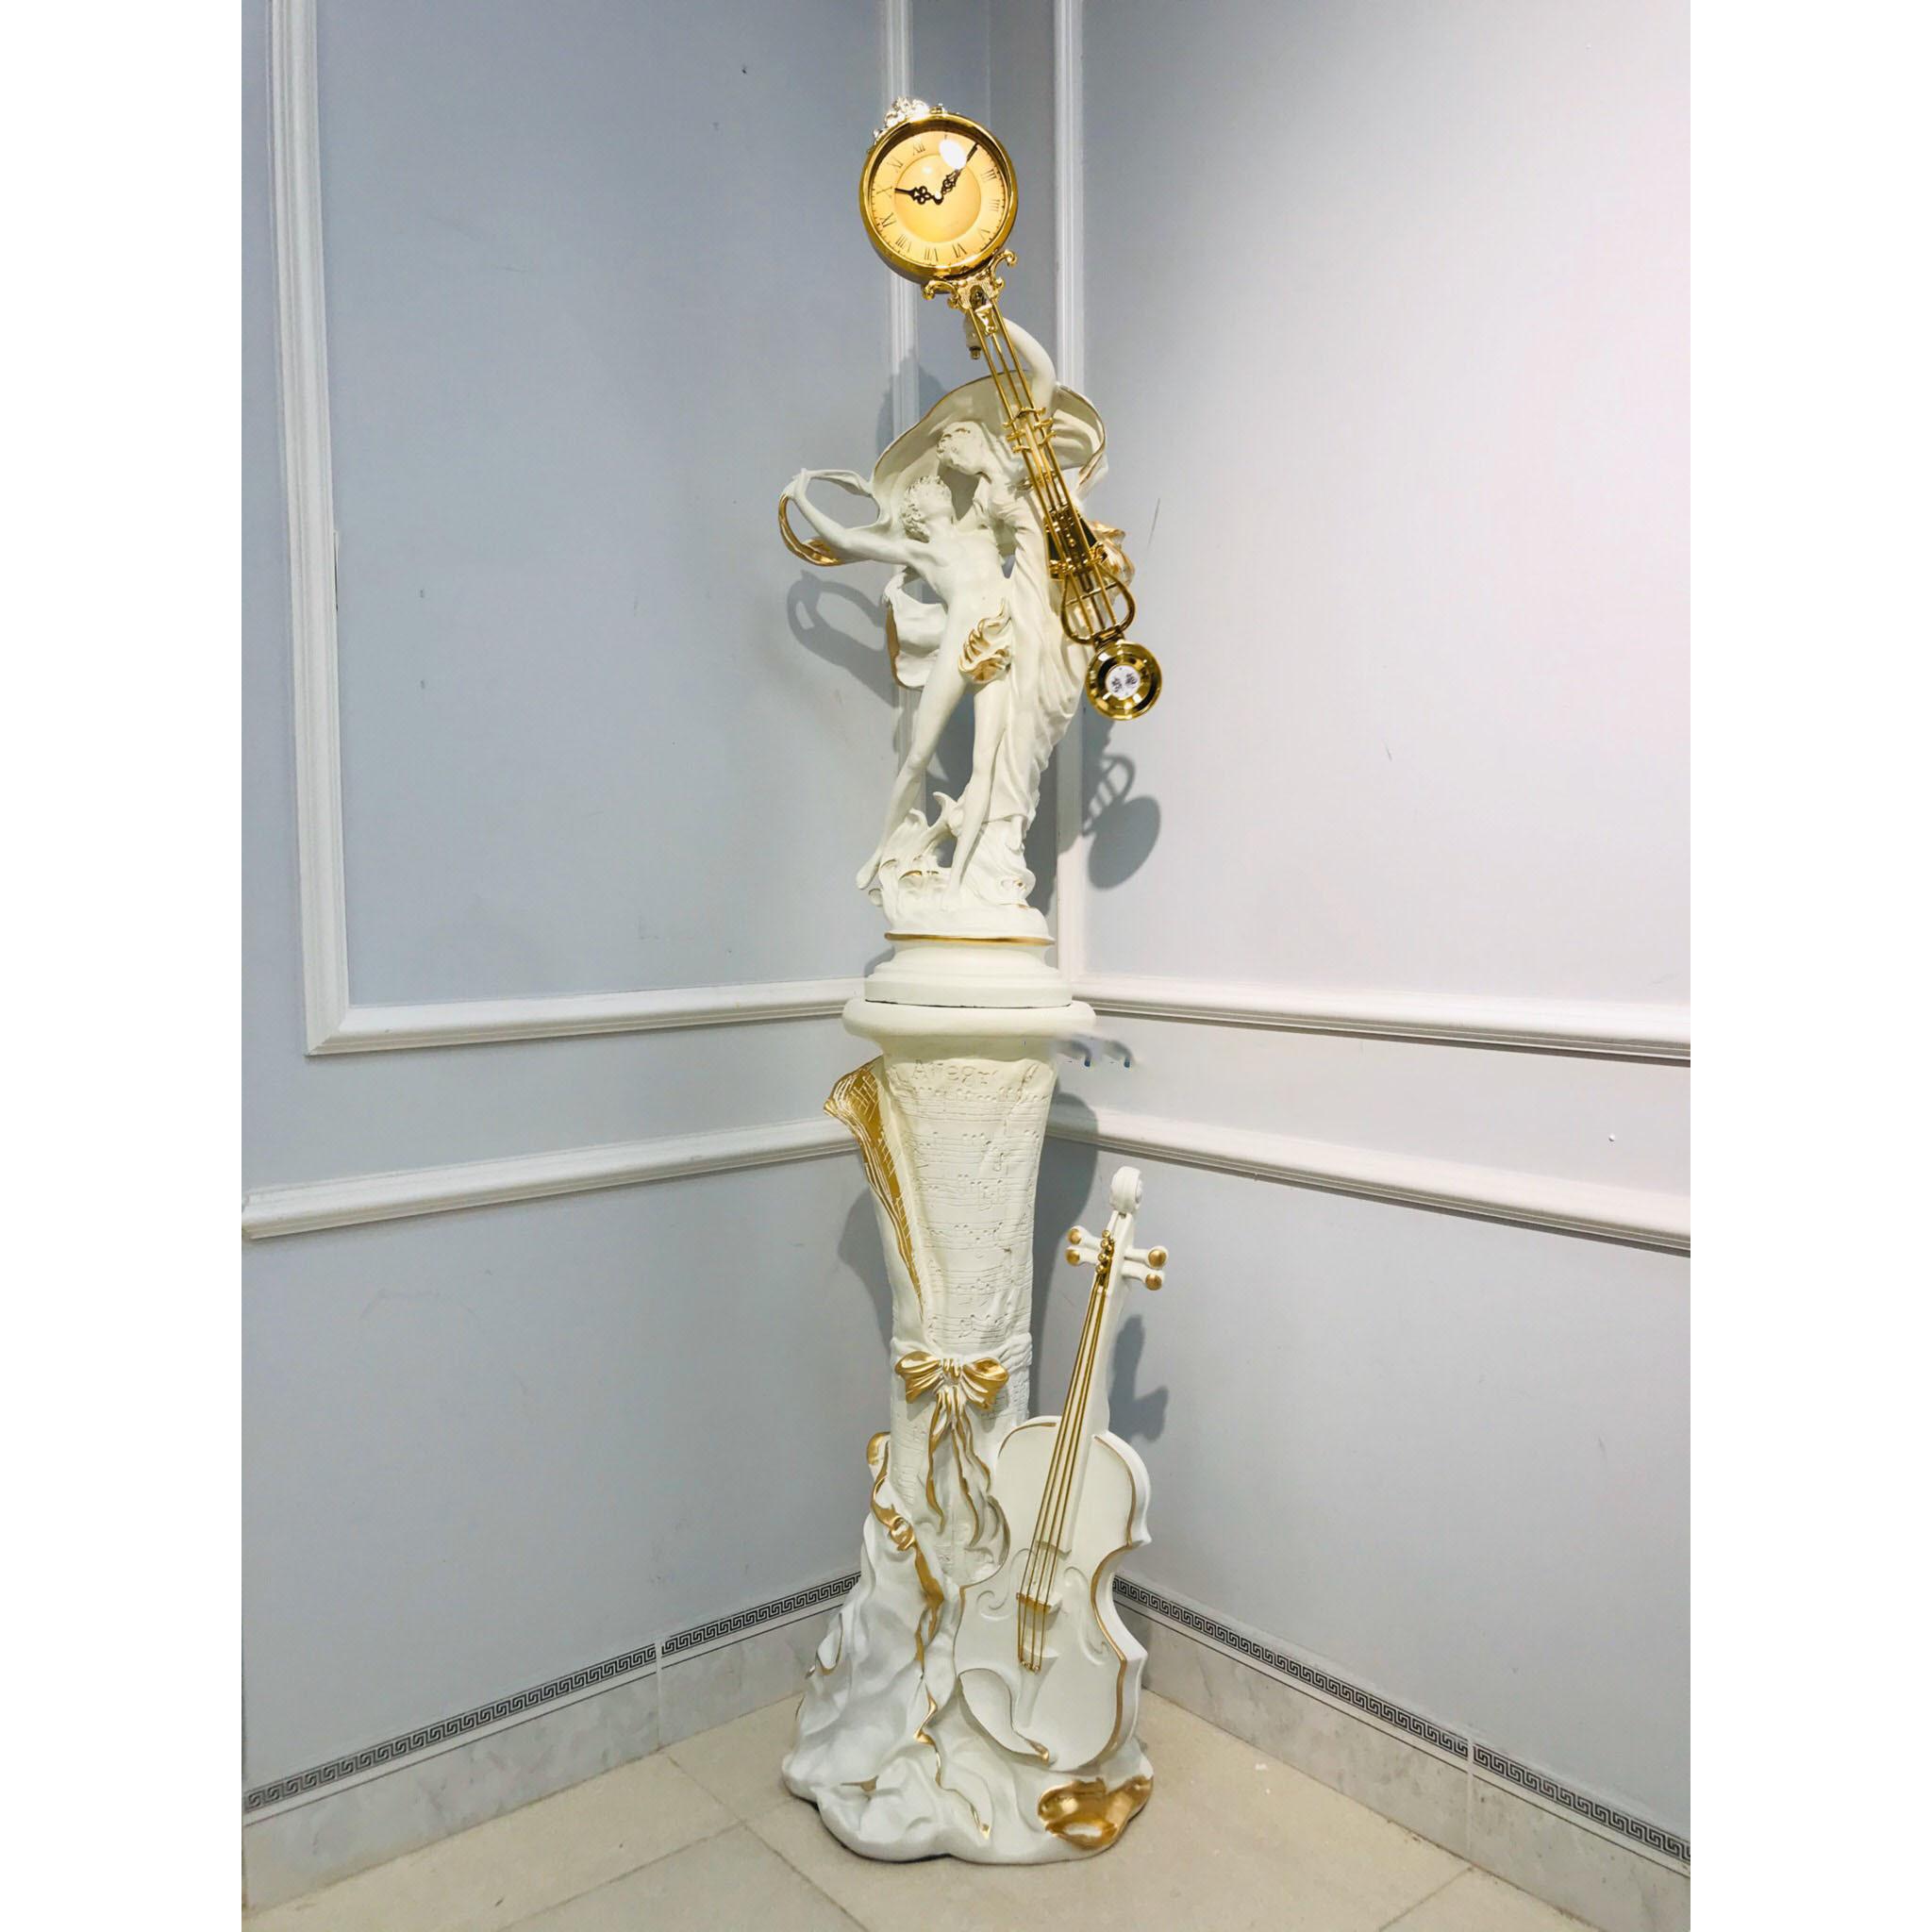 Đồng hồ để bàn  - (vàng- Trắng)- Đông hồ cây - kích thước đồng hồ: 22 x 88 cm kích thước kệ ghita : 40 x 35 x 80 cm Đồng hồ chân kệ đồng hồ chạy pin và không đánh chuông